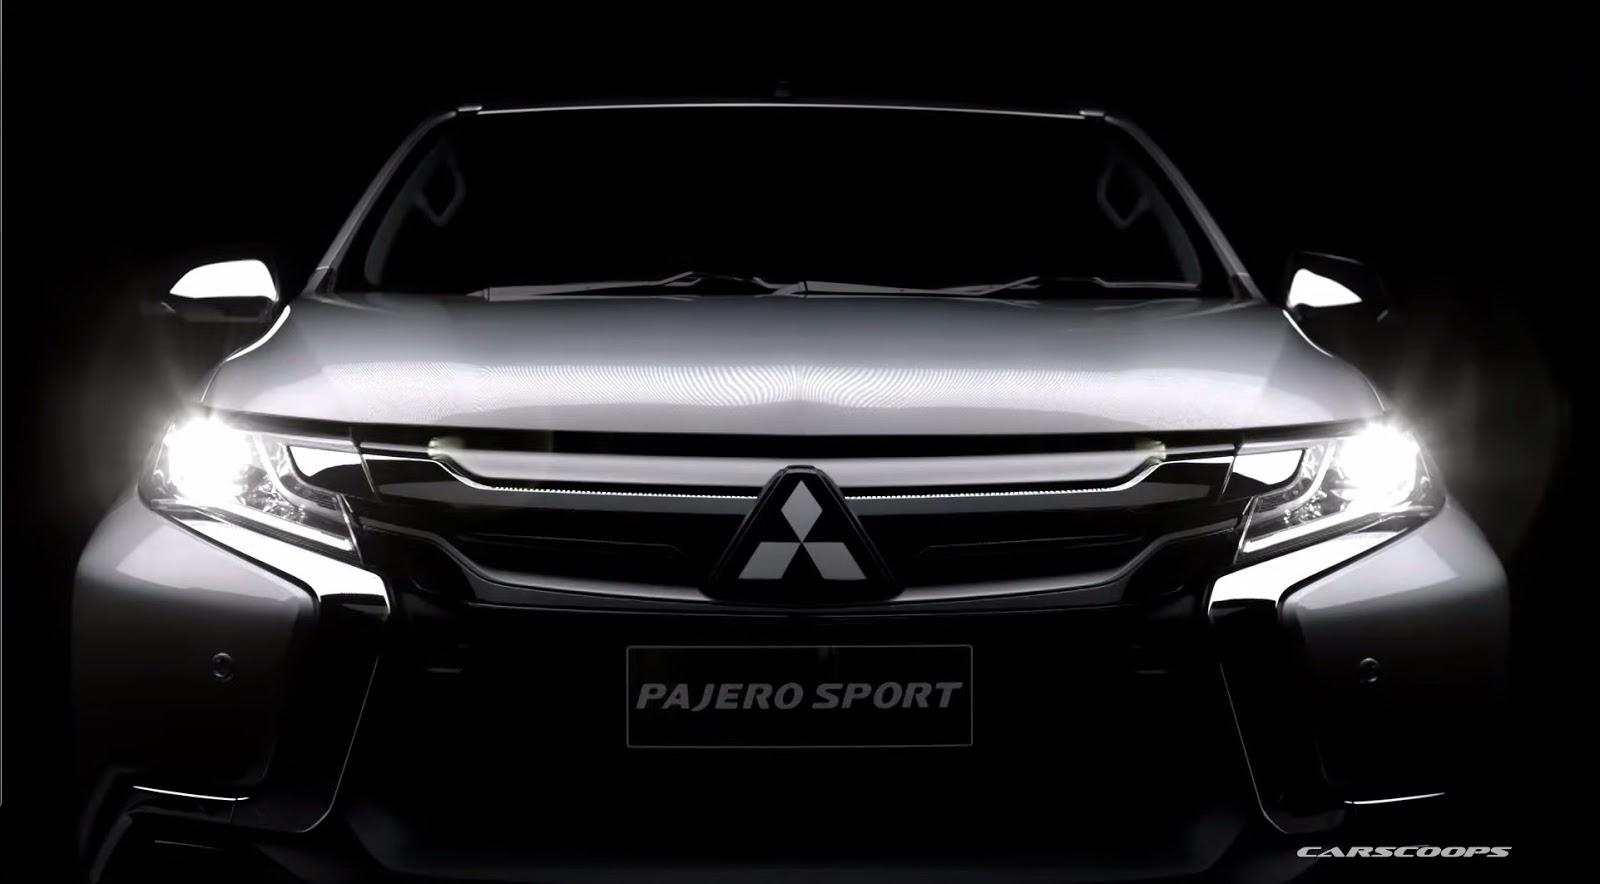 Pajero Sport xuất hiện hoàn toàn trong teaser mới nhất của Mitsubishi